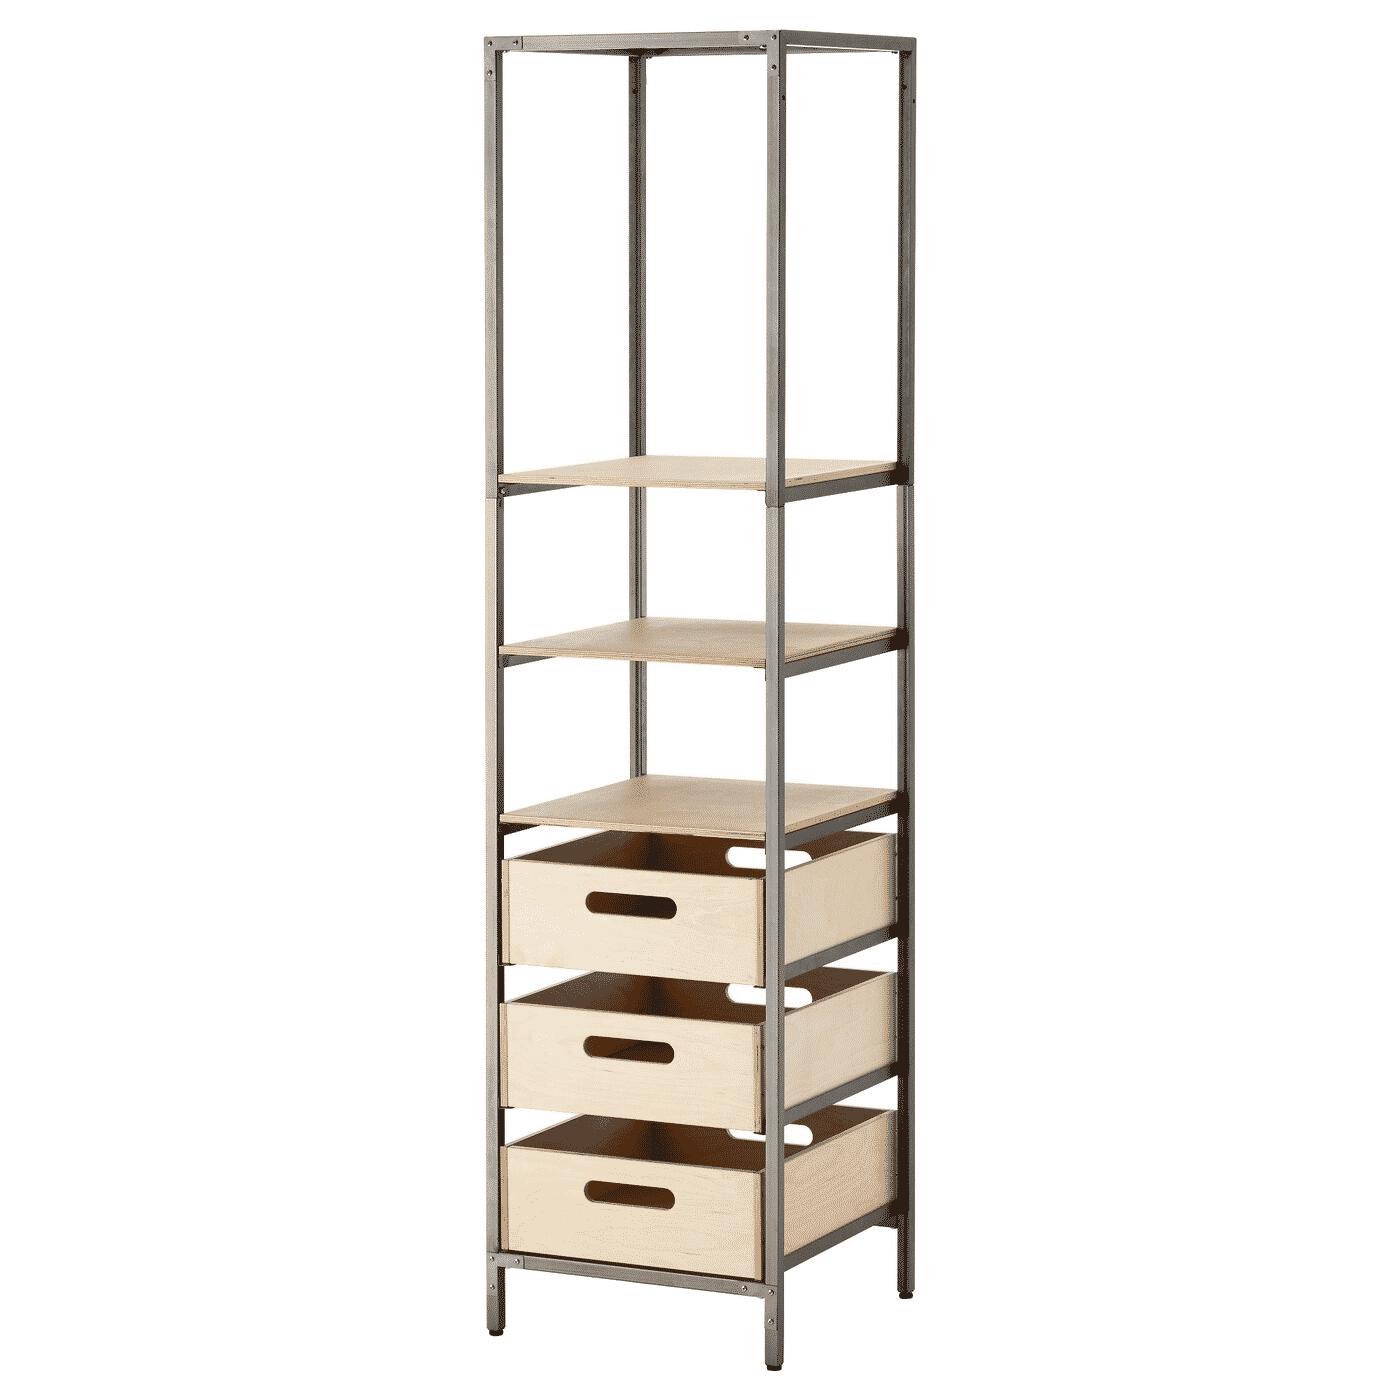 Veberod Shelf